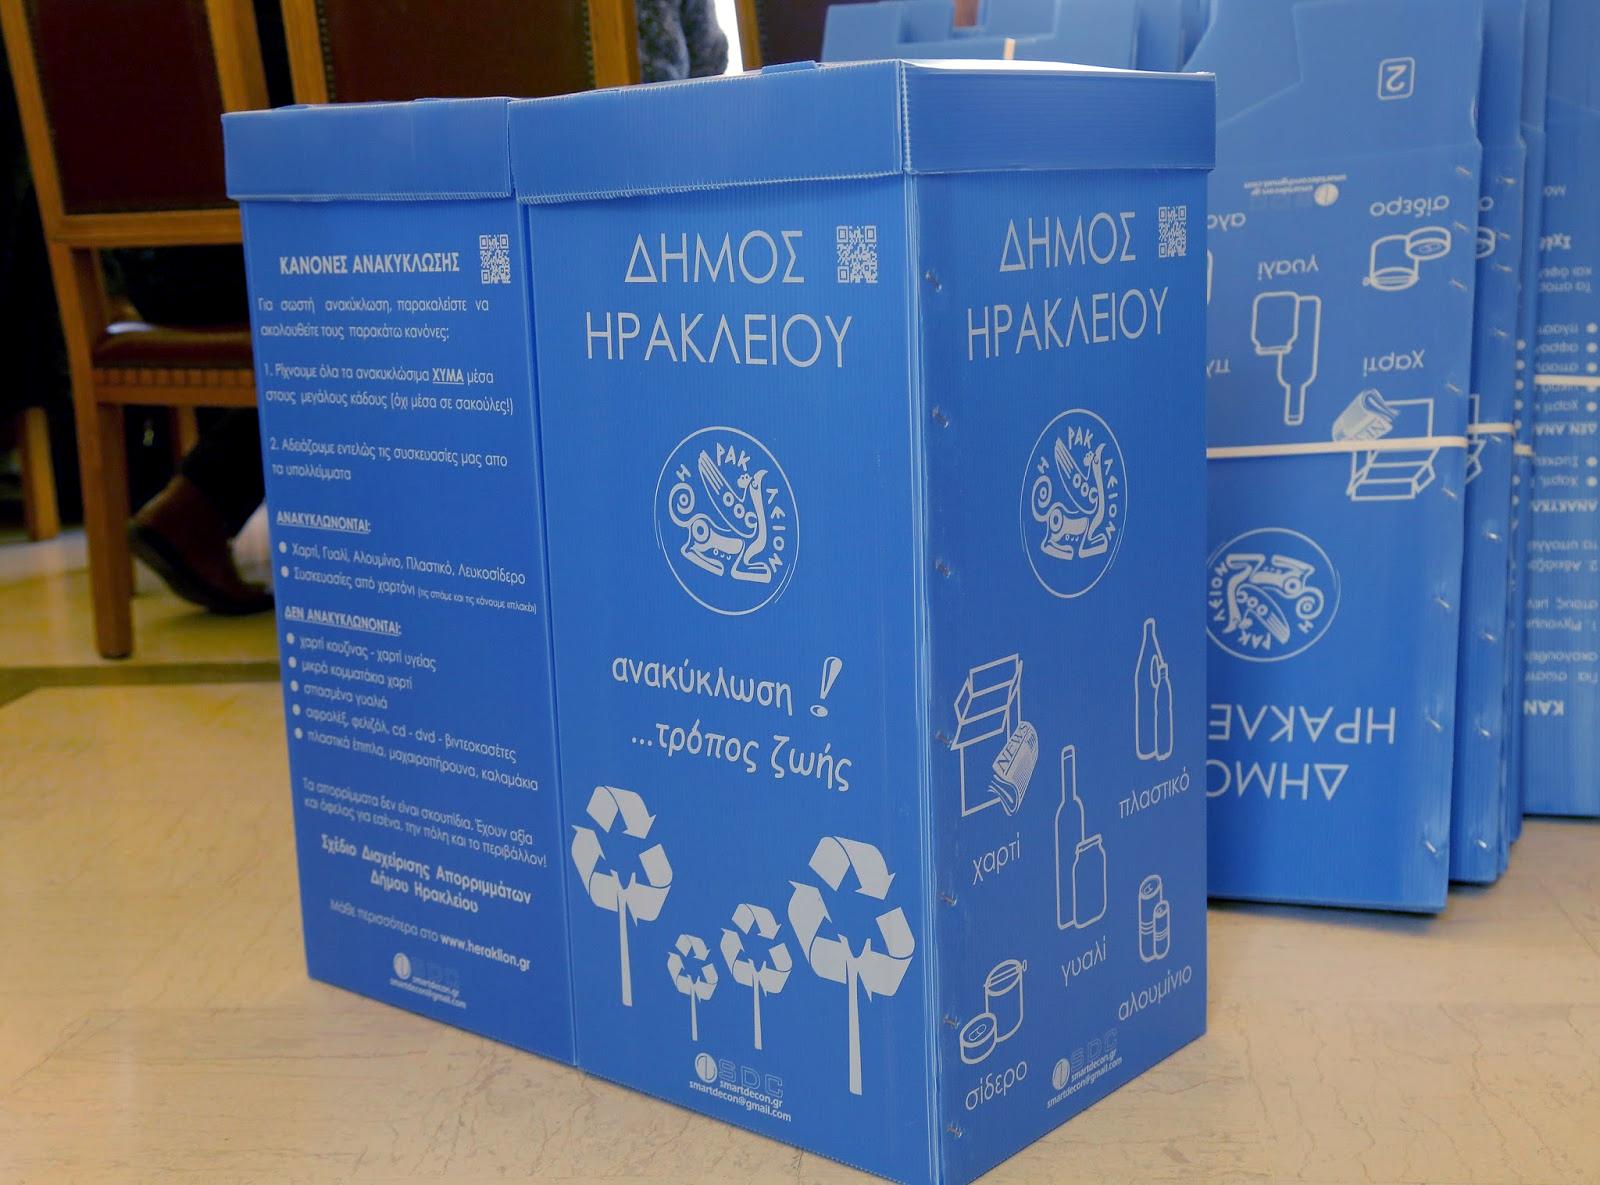 Ηράκλειο:Ξεκινά η διανομή των νέων οικιακών κάδων ανακύκλωσης